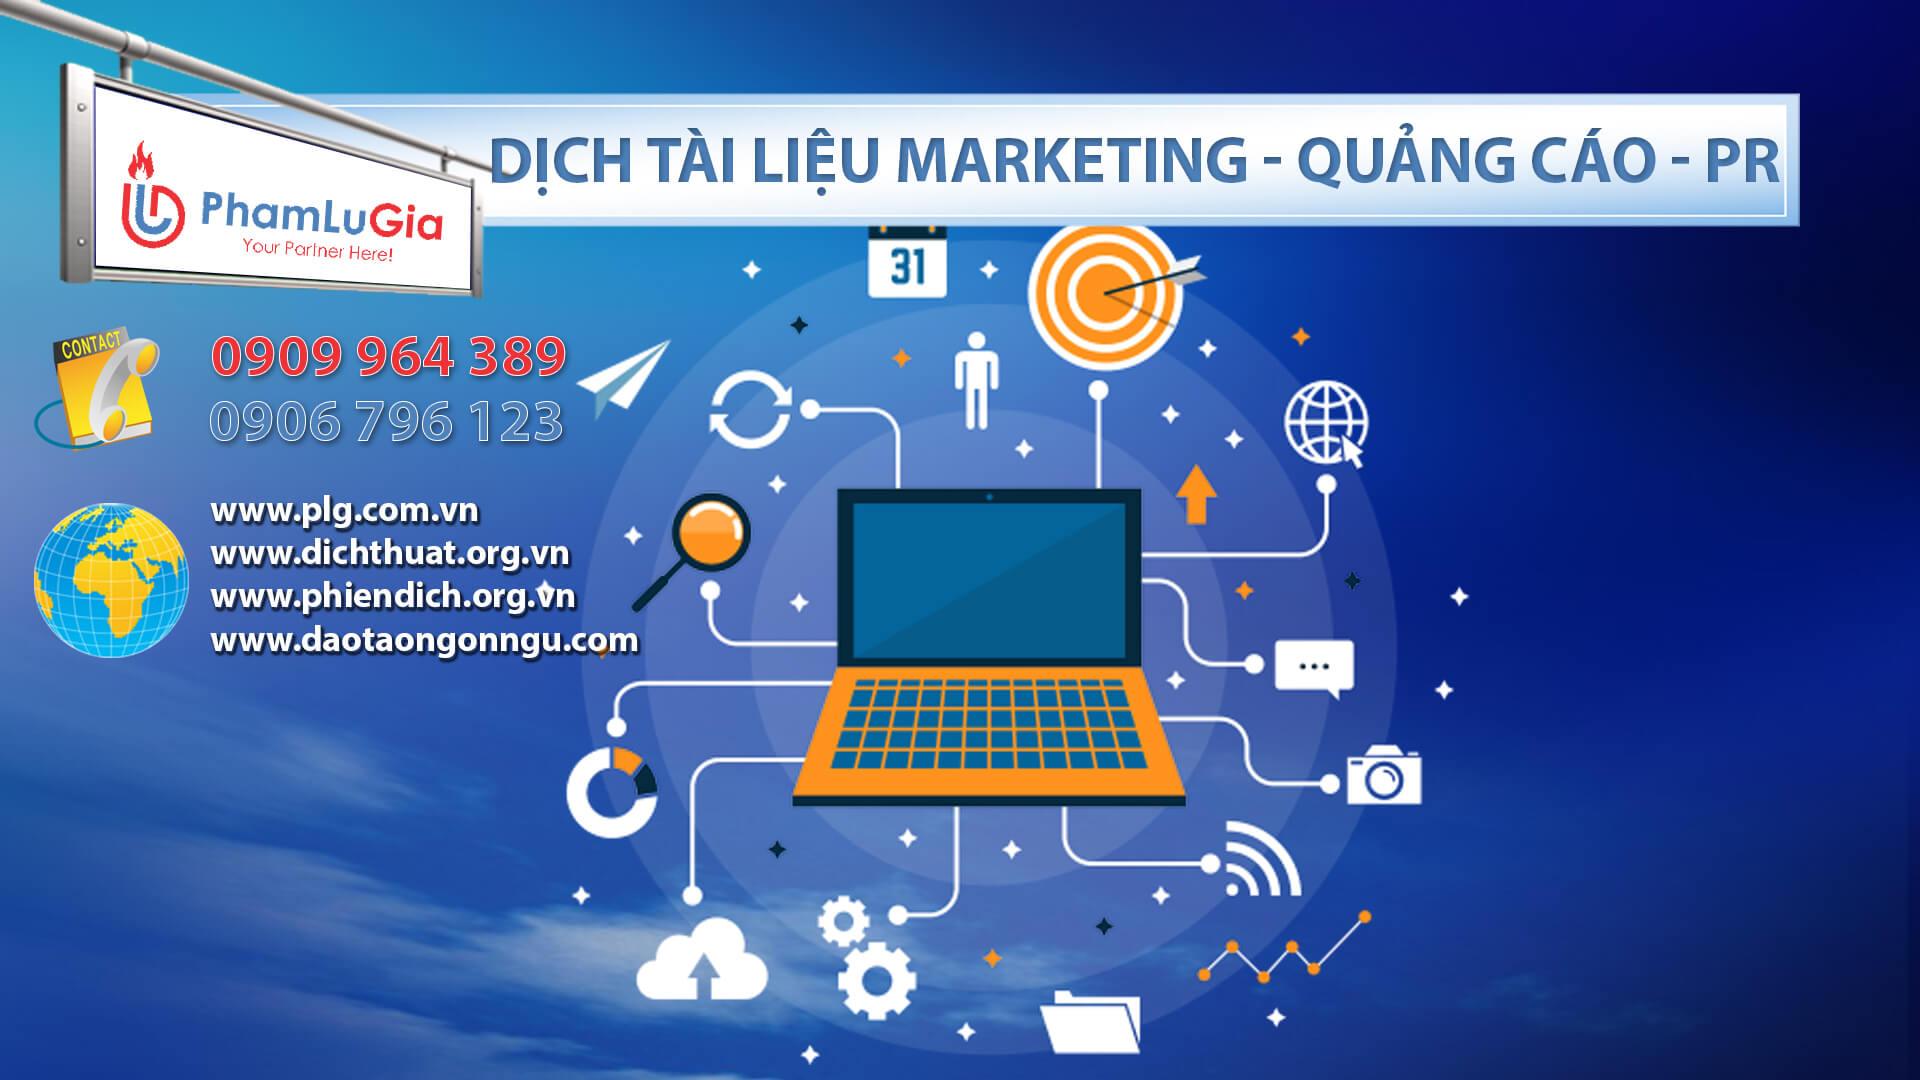 Dịch tài liệu Marketing - Quảng Cáo - PR